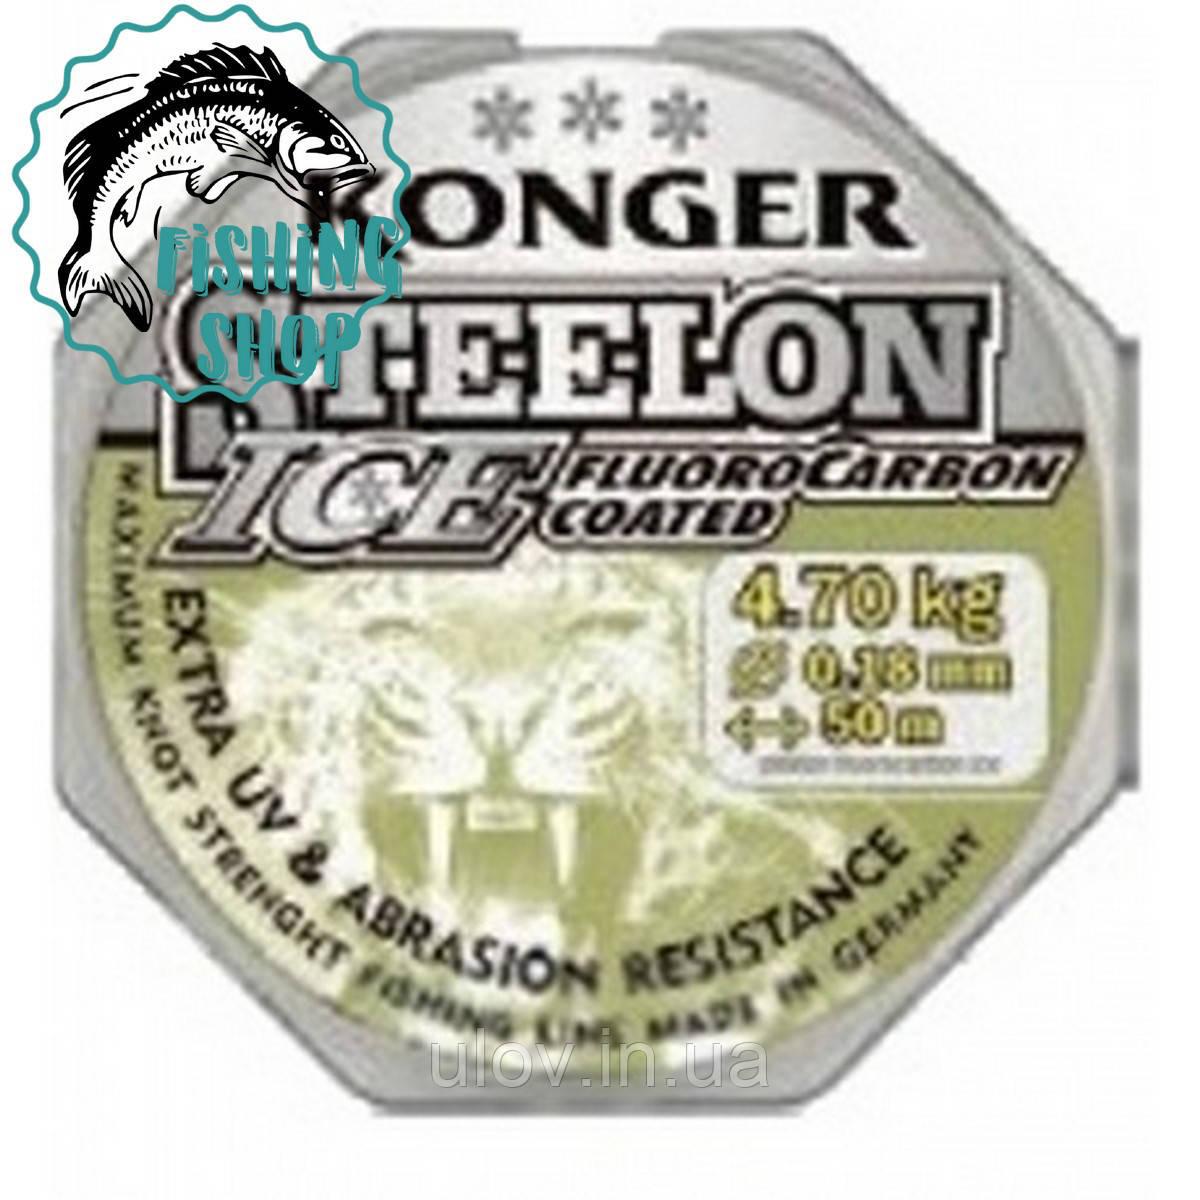 Леска рыболовная Konger Steelon 50m. 0.20